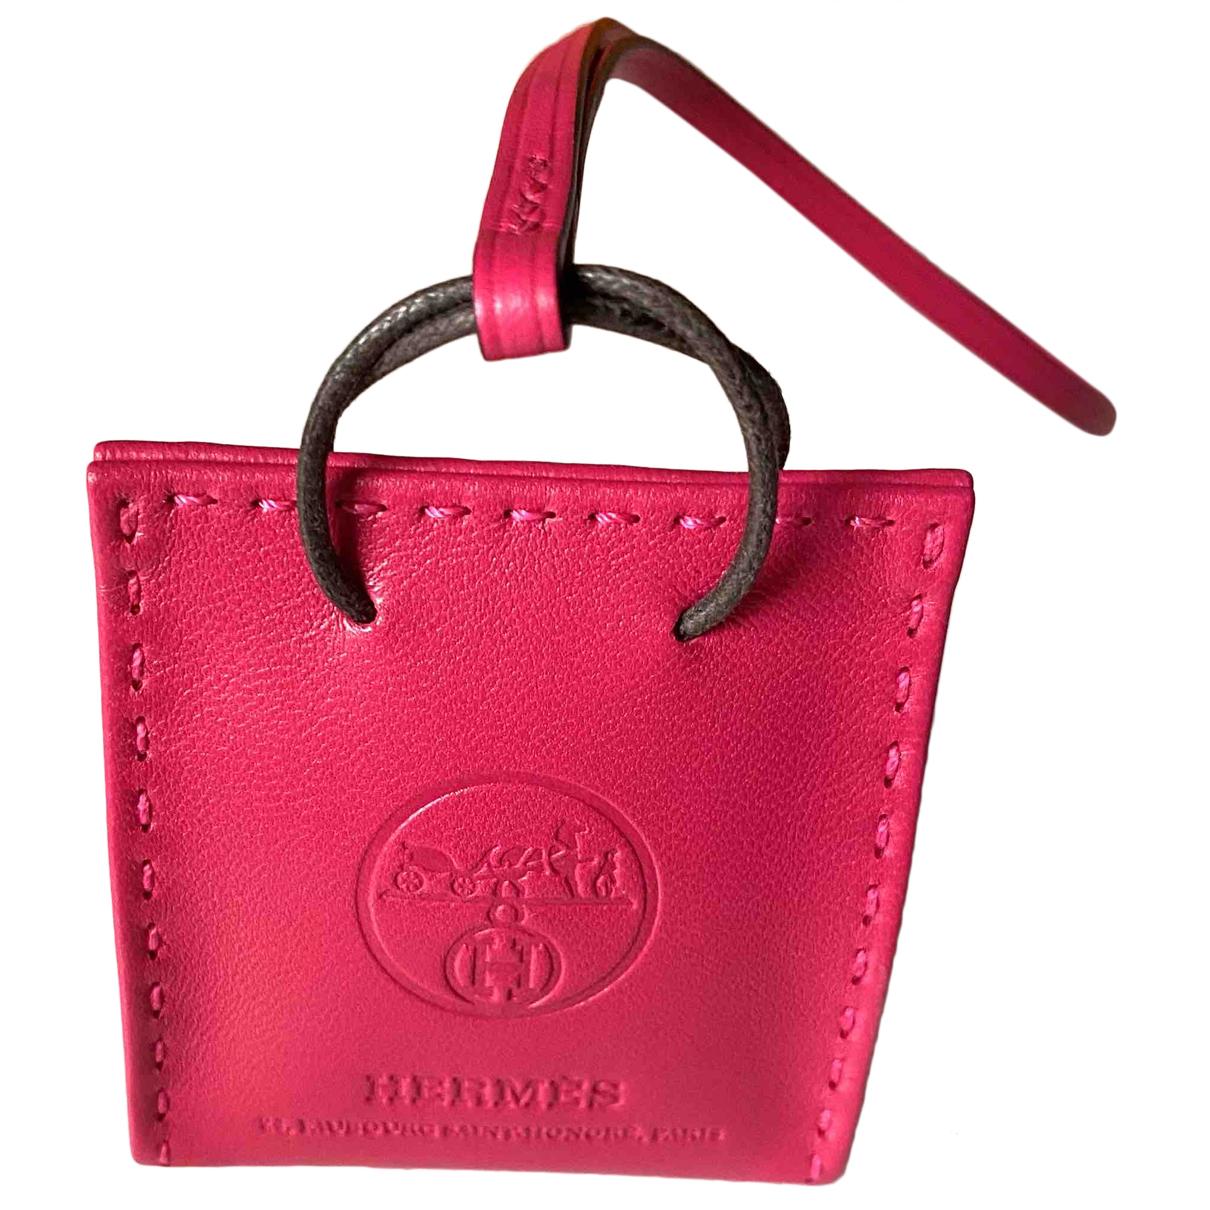 Hermes - Bijoux de sac Shopping bag charm pour femme en cuir - rose